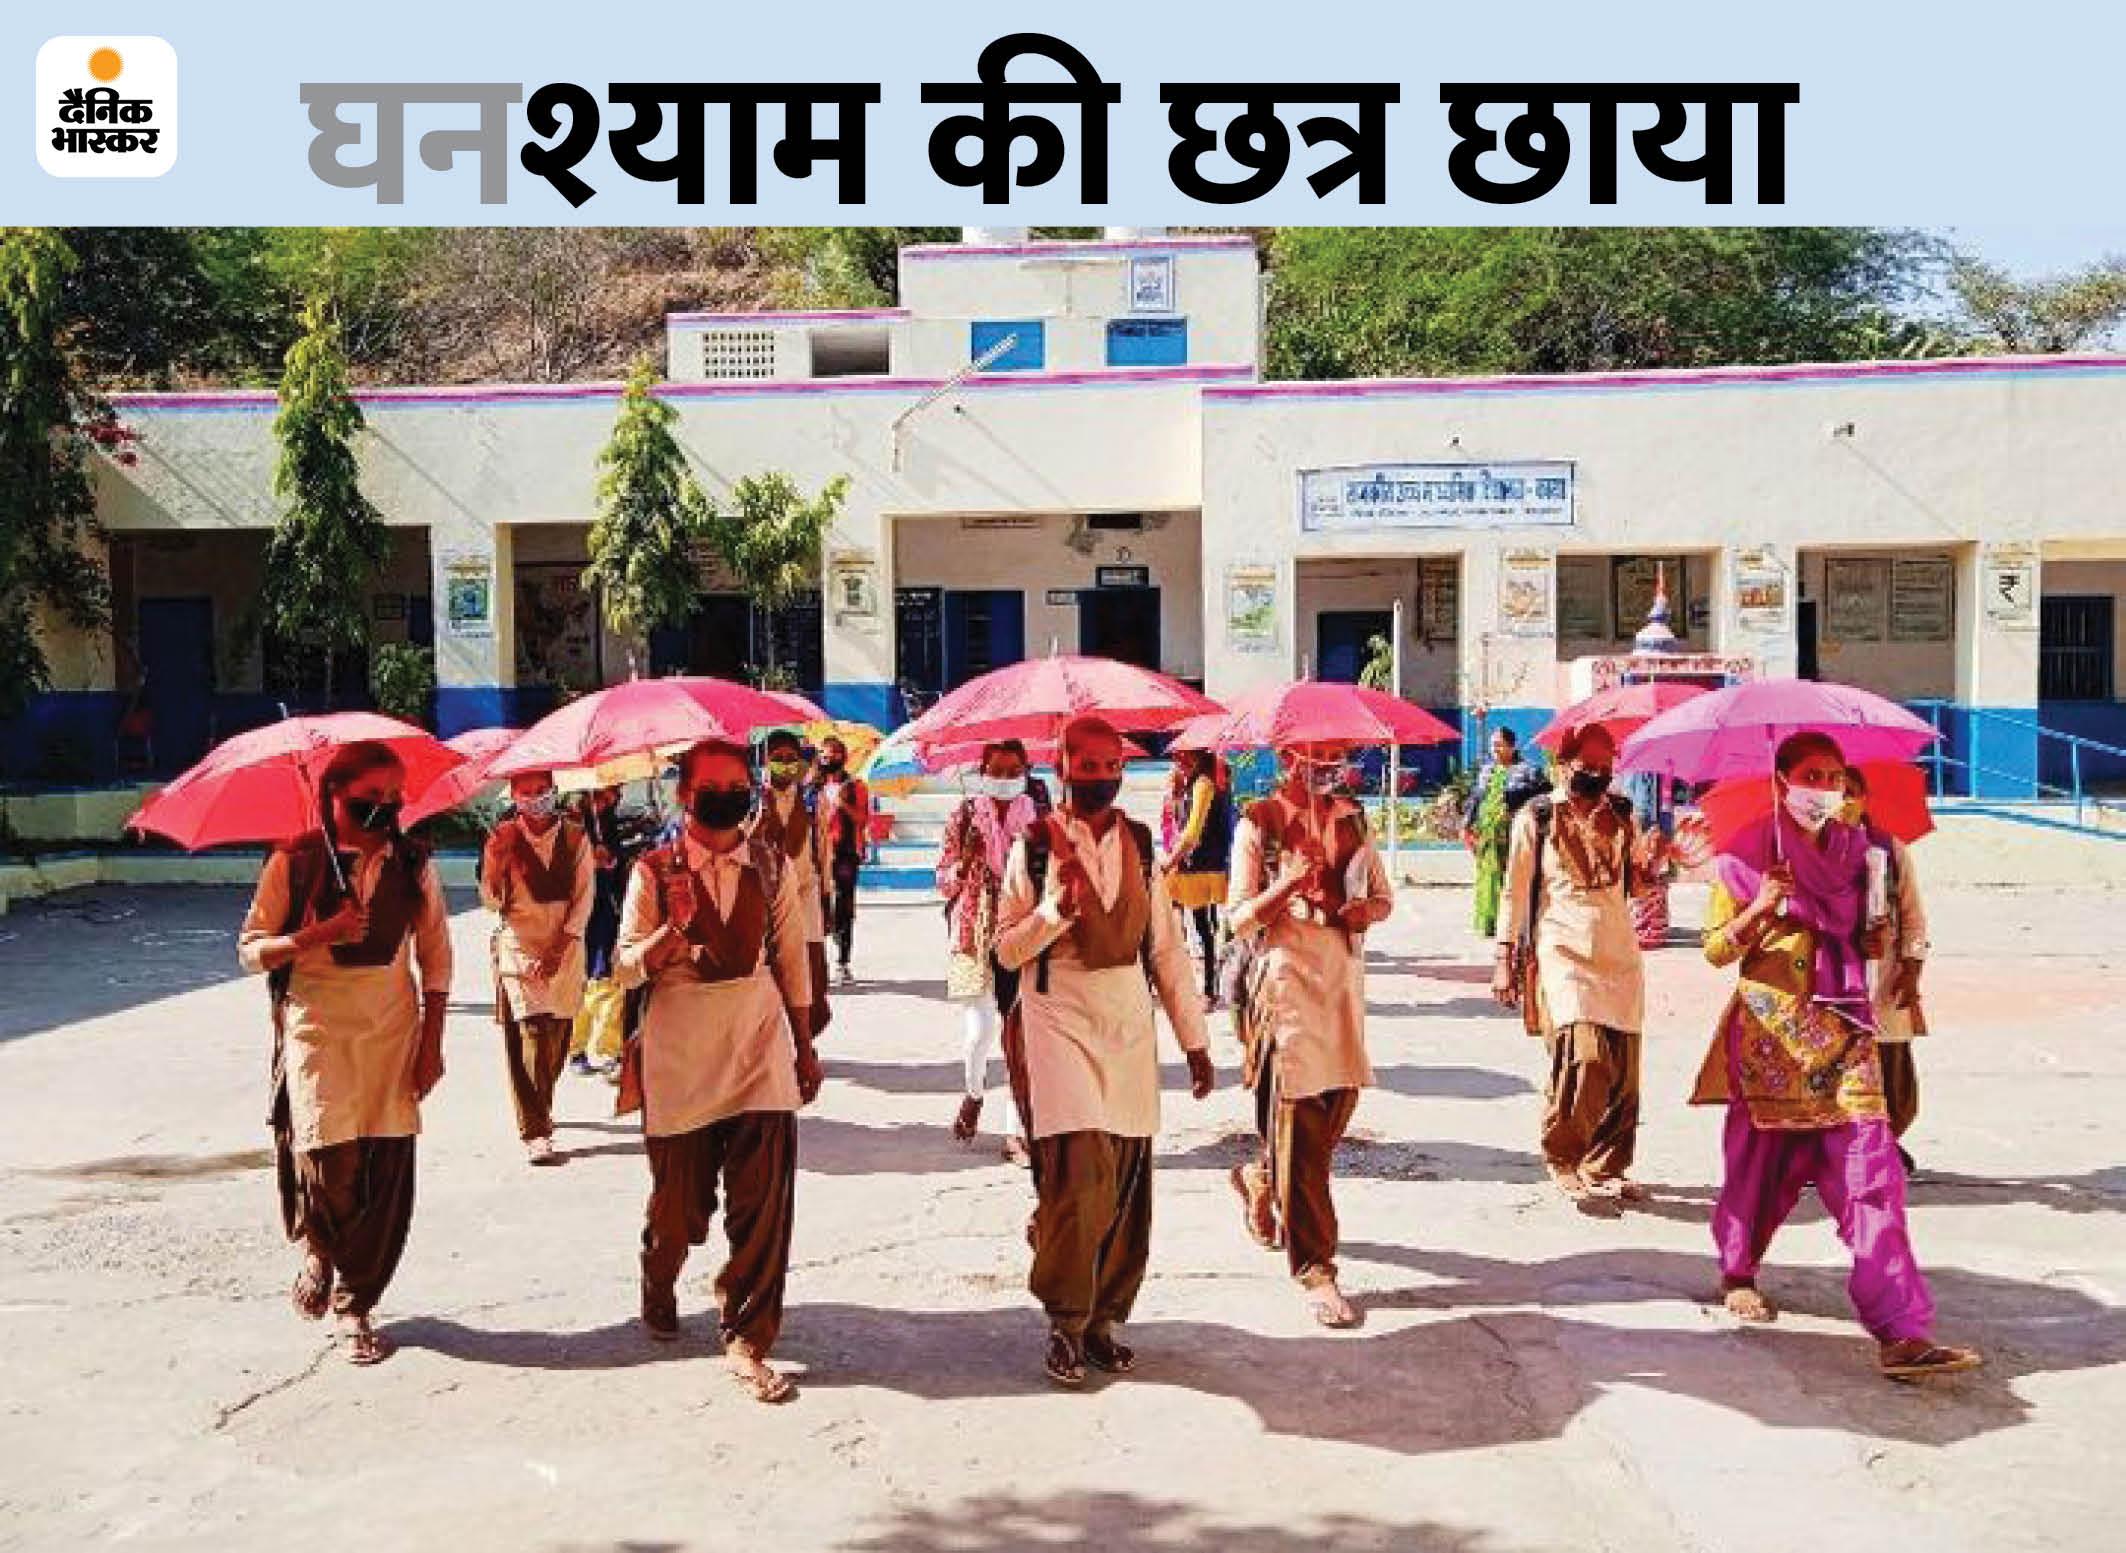 सरकार ने इनाम में दिए 21 हजार रु. तो उसी राशि से बच्चों में बंटवा दिए 250 छाते, ताकि सोशल डिस्टेंसिंग बनी रहे|उदयपुर,Udaipur - Dainik Bhaskar